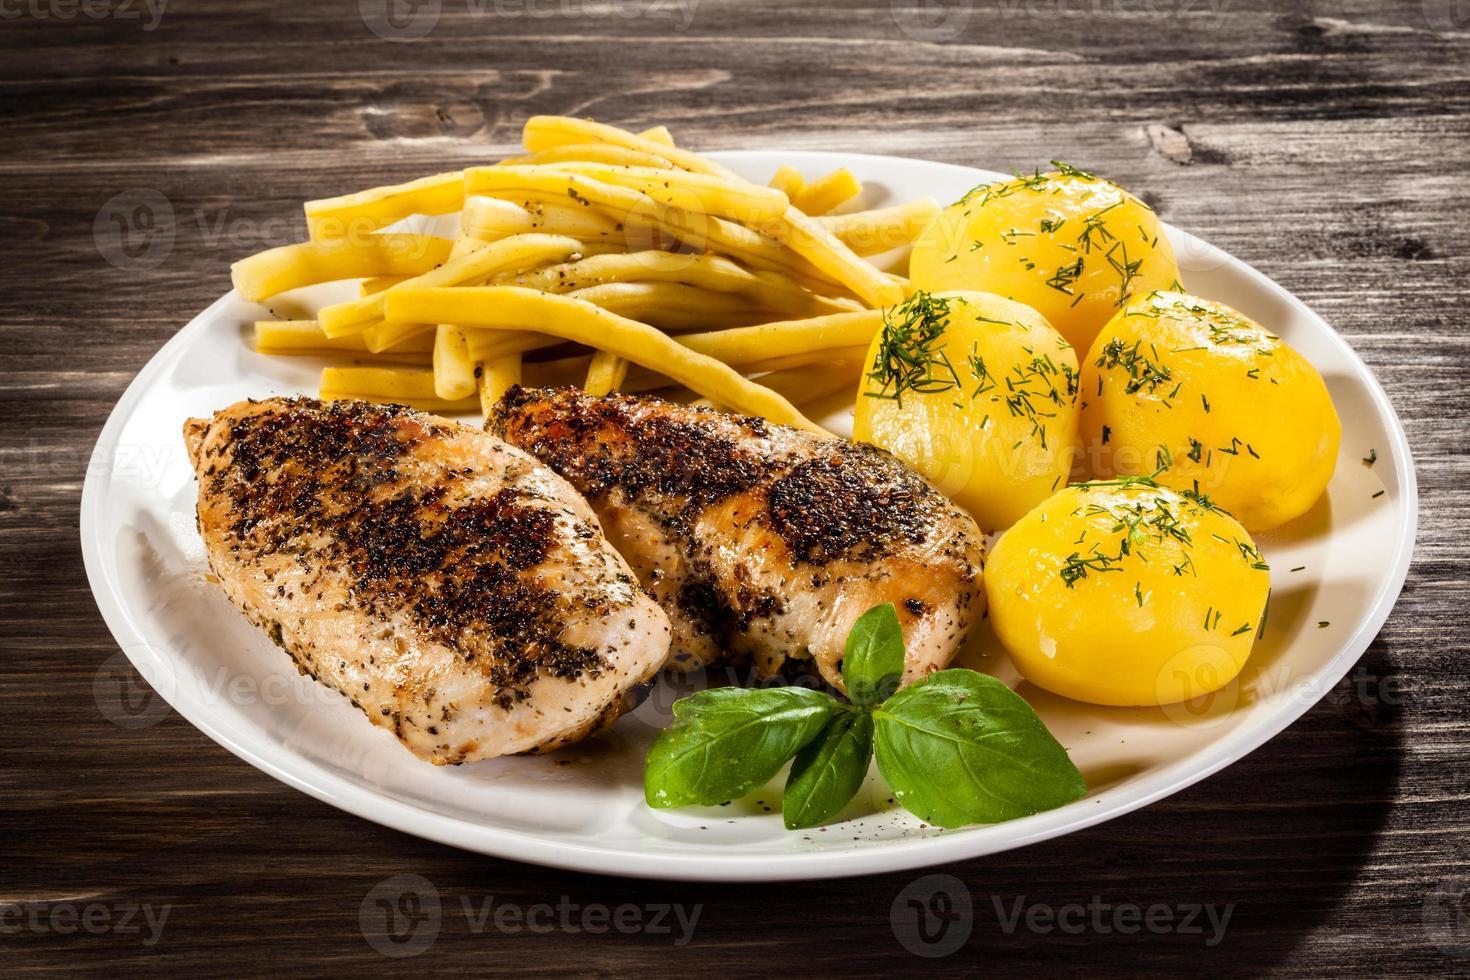 pechugas de pollo asado y verduras foto